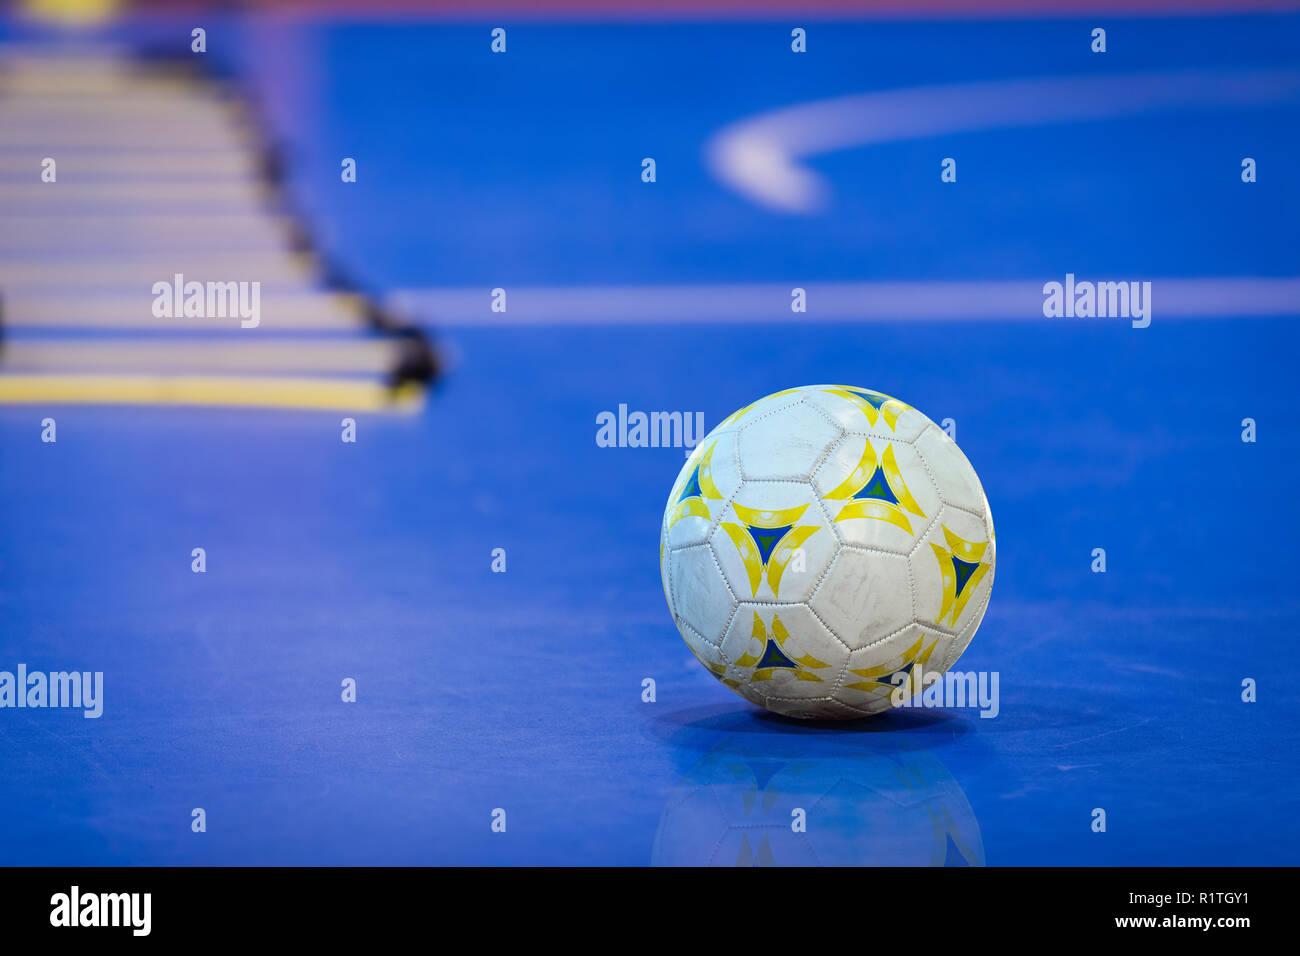 Bola de Futsal en campo interior azul. Futsal azul campo de entrenamiento.  La agilidad de formación escalera en el fondo cff301d2536e3